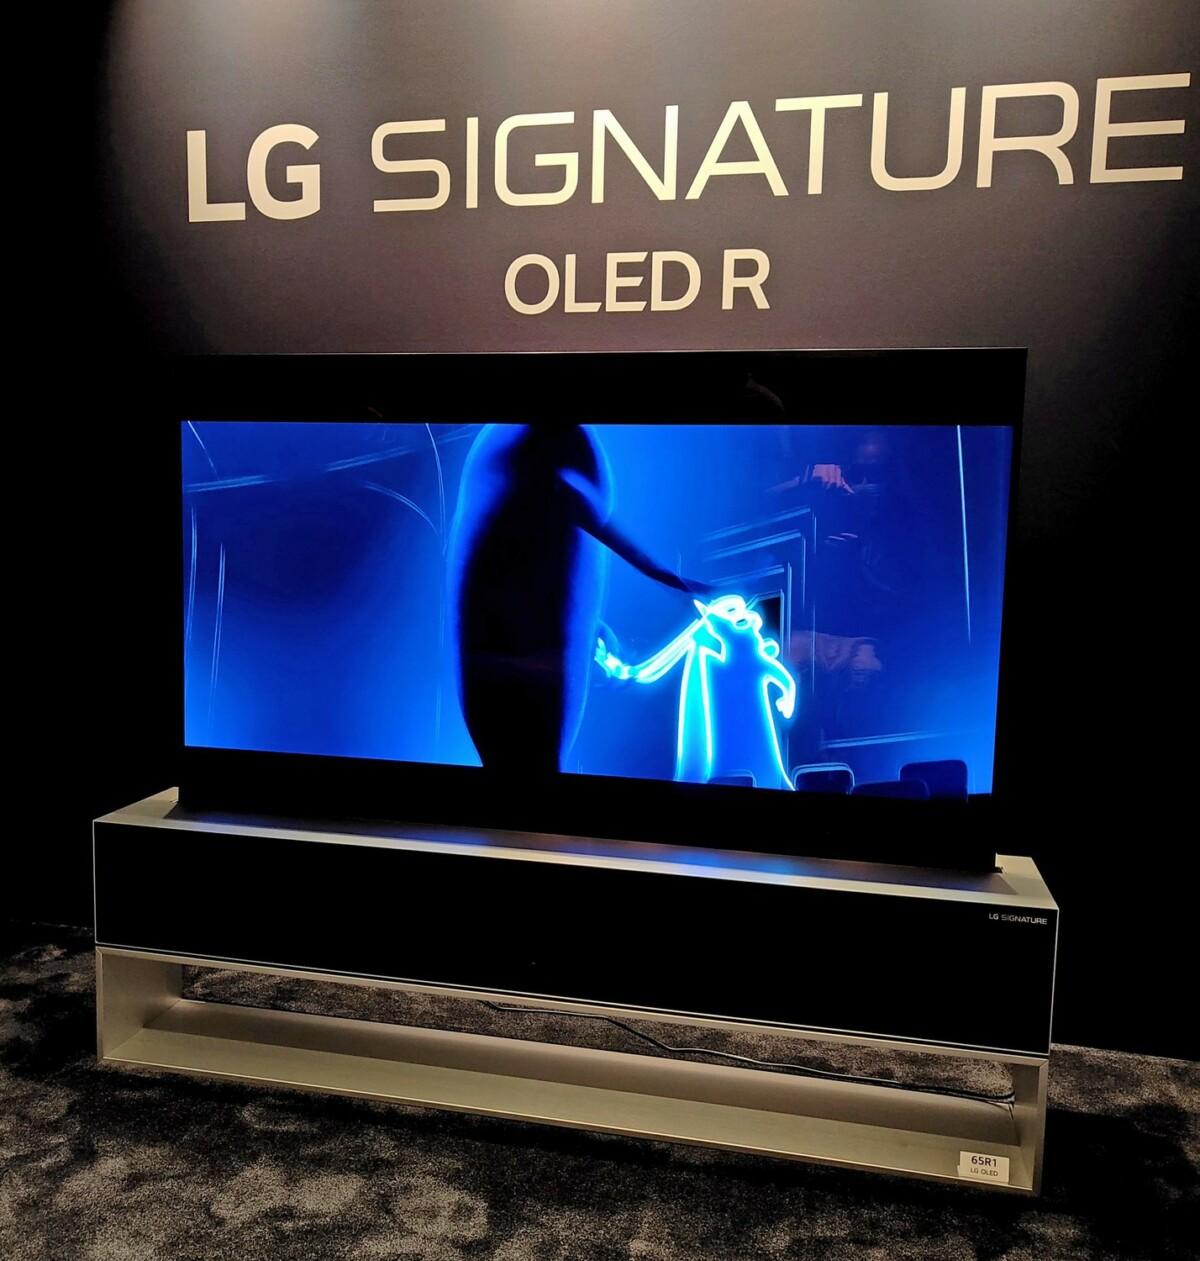 LG Signature OLED R : nos impressions sur le TV enroulable à 100 000 euros